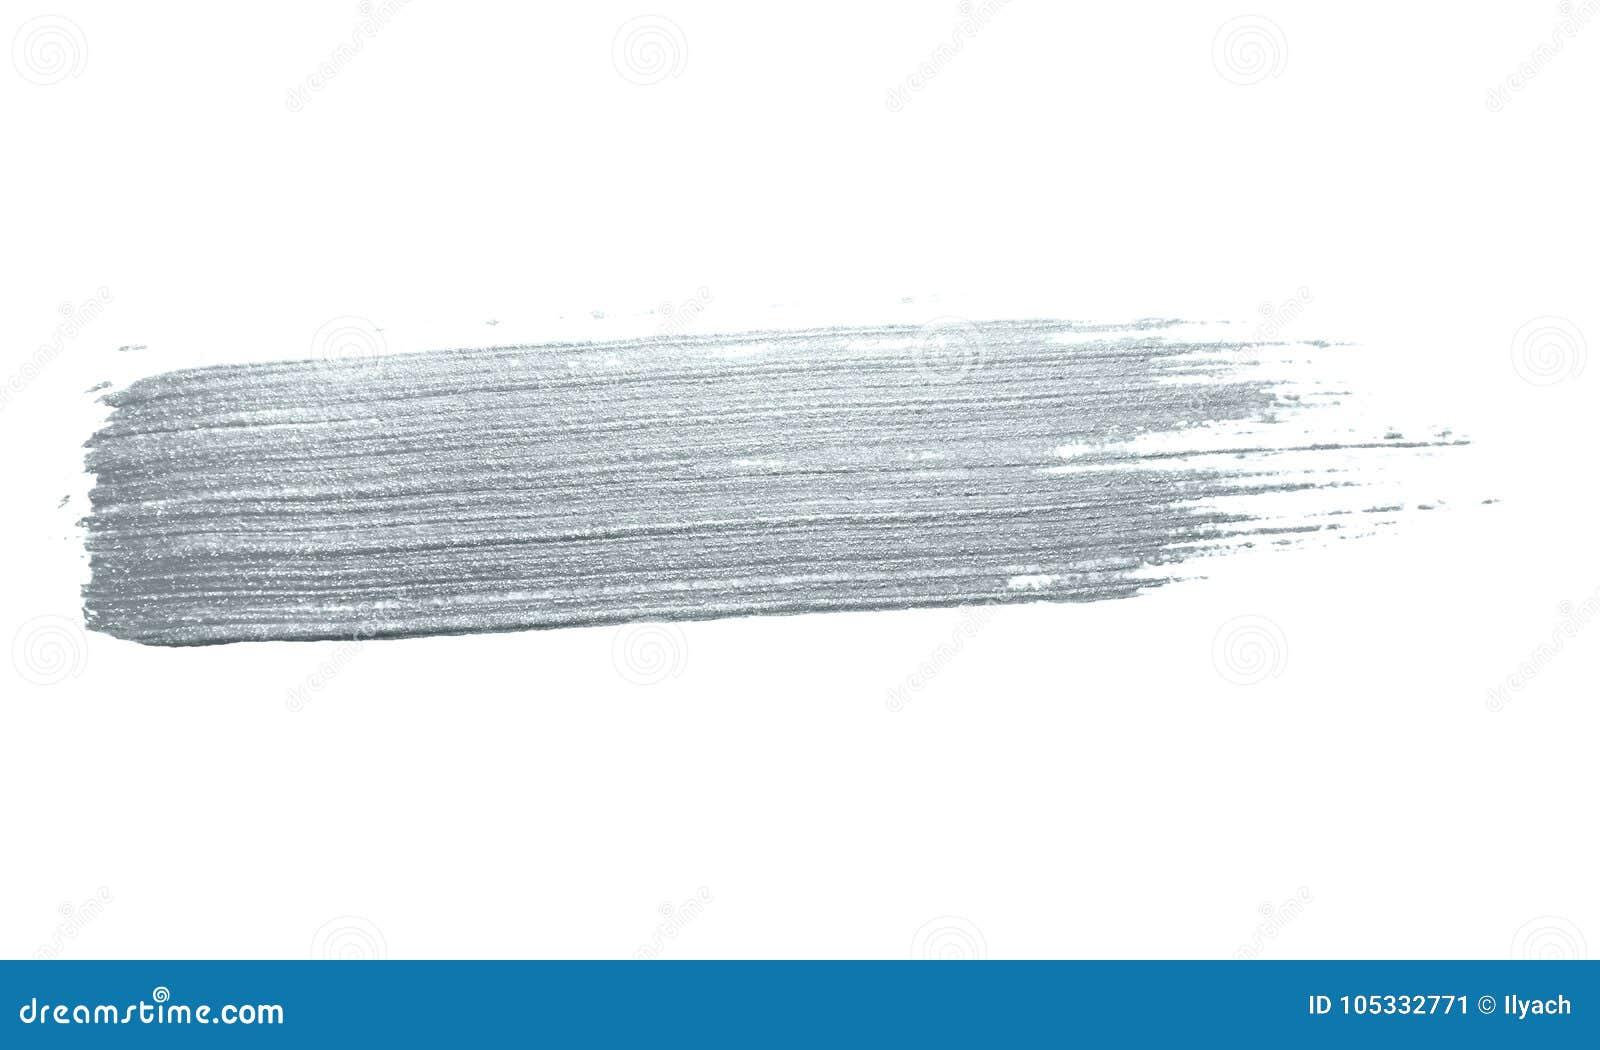 银色闪烁画笔冲程或抽象轻拍污迹与污点纹理在白色背景豪华贺卡设计te的